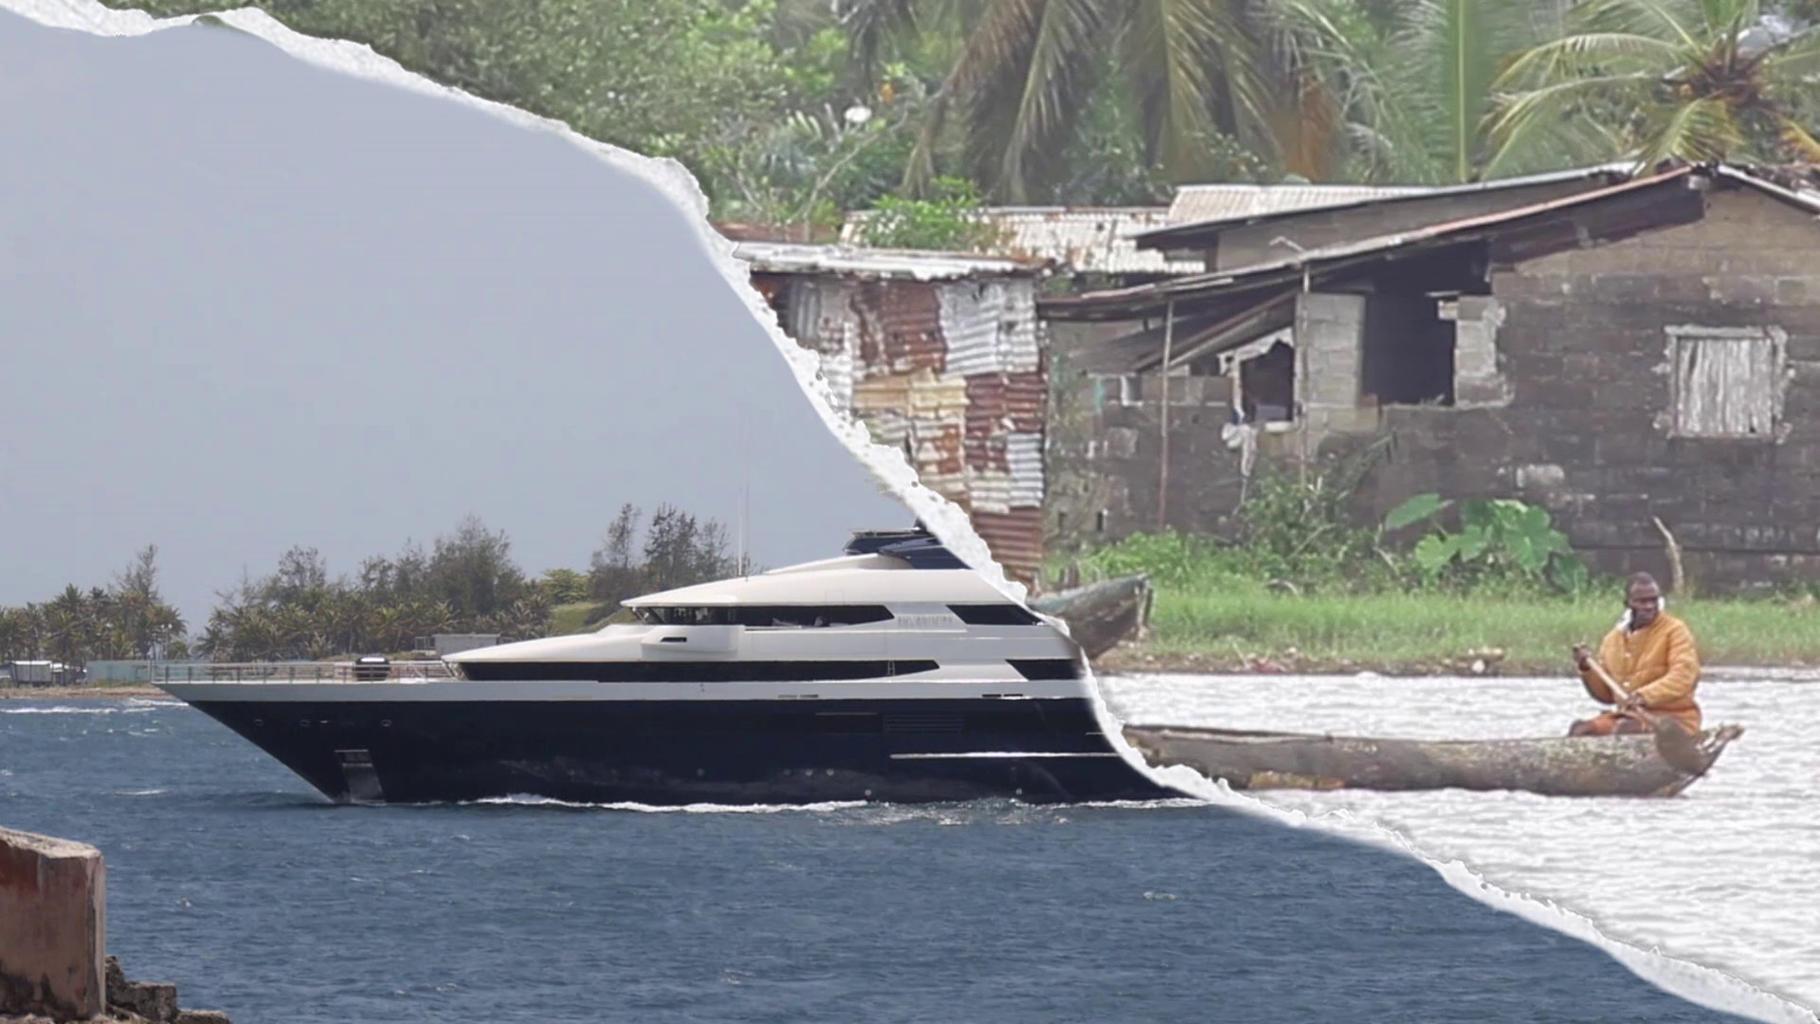 Ein diagonal geteiltes Bild: Links eine Jacht, rechts ein Holz-Kanu